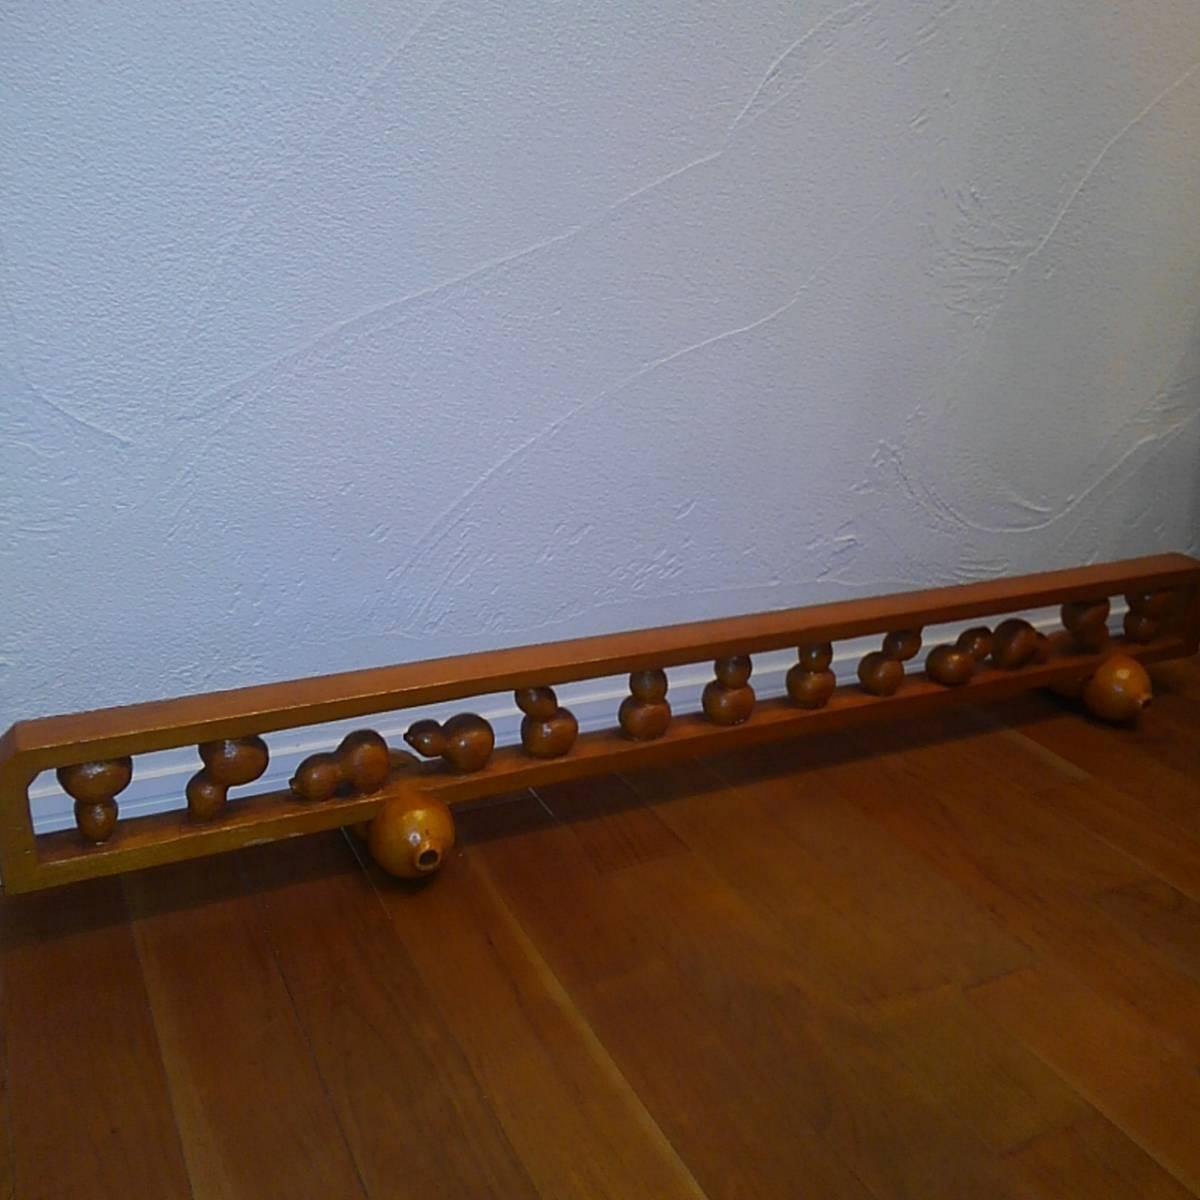 ◆幸◆ 木彫り 結界 瓢箪 約104.5cm×14cm(高さ)×12cm(奥行)_画像1